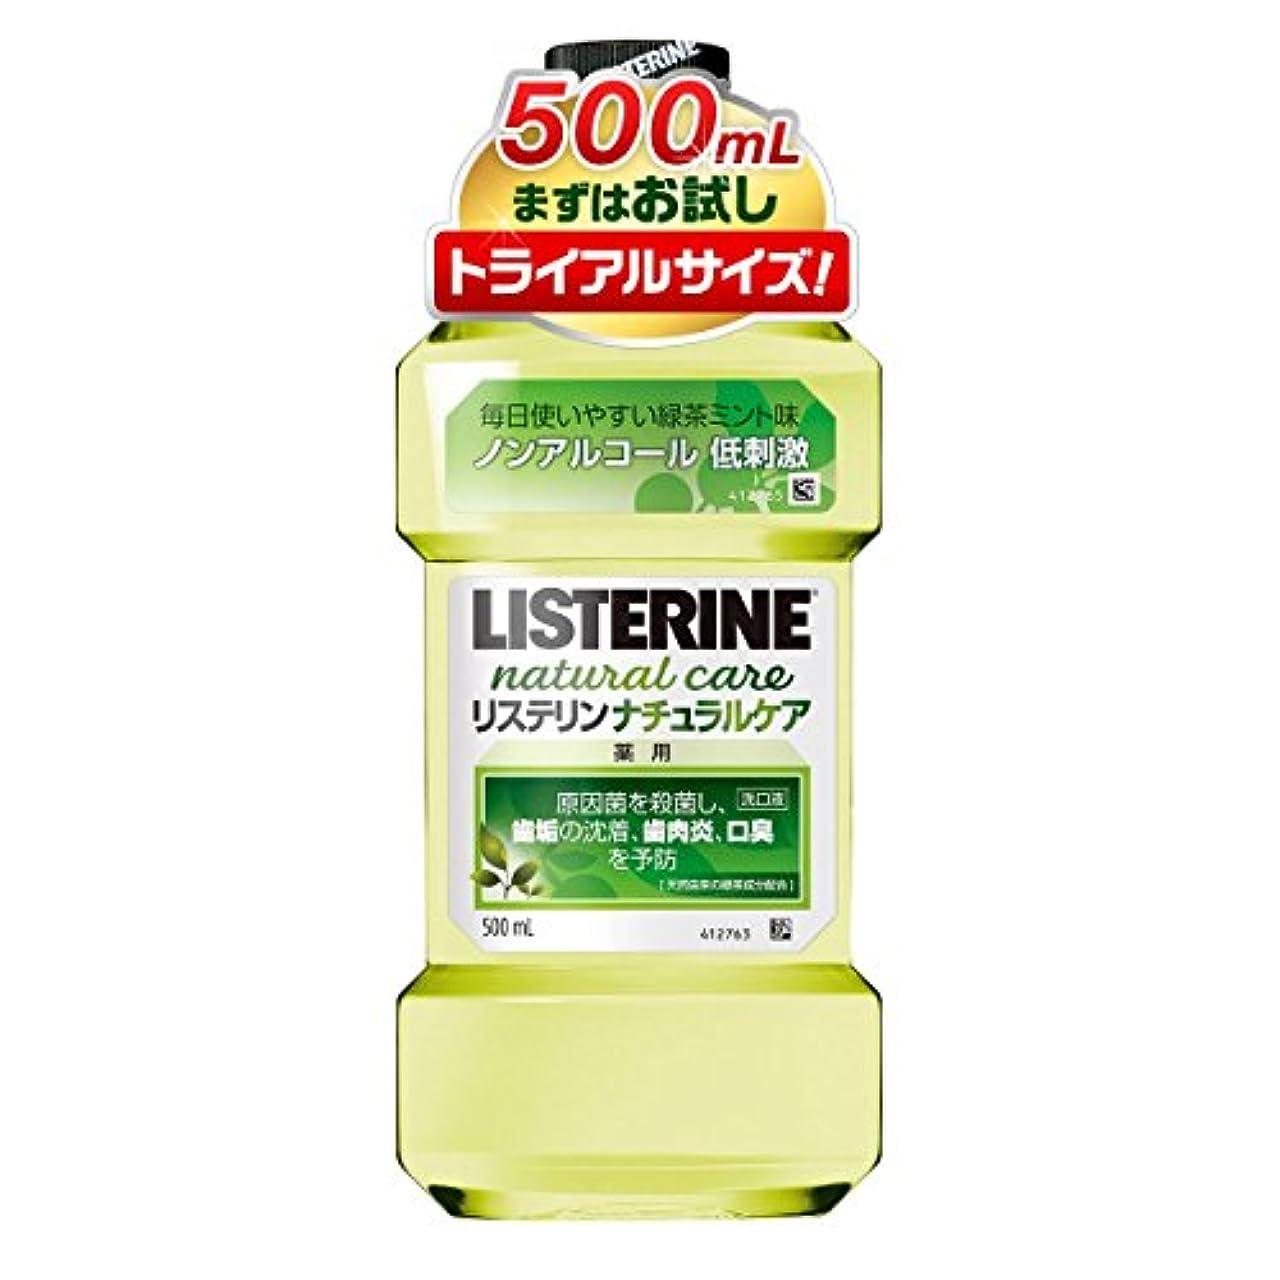 好意的文句を言う甘くする[医薬部外品] 薬用 リステリン マウスウォッシュ ナチュラルケア 500mL ノンアルコールタイプ